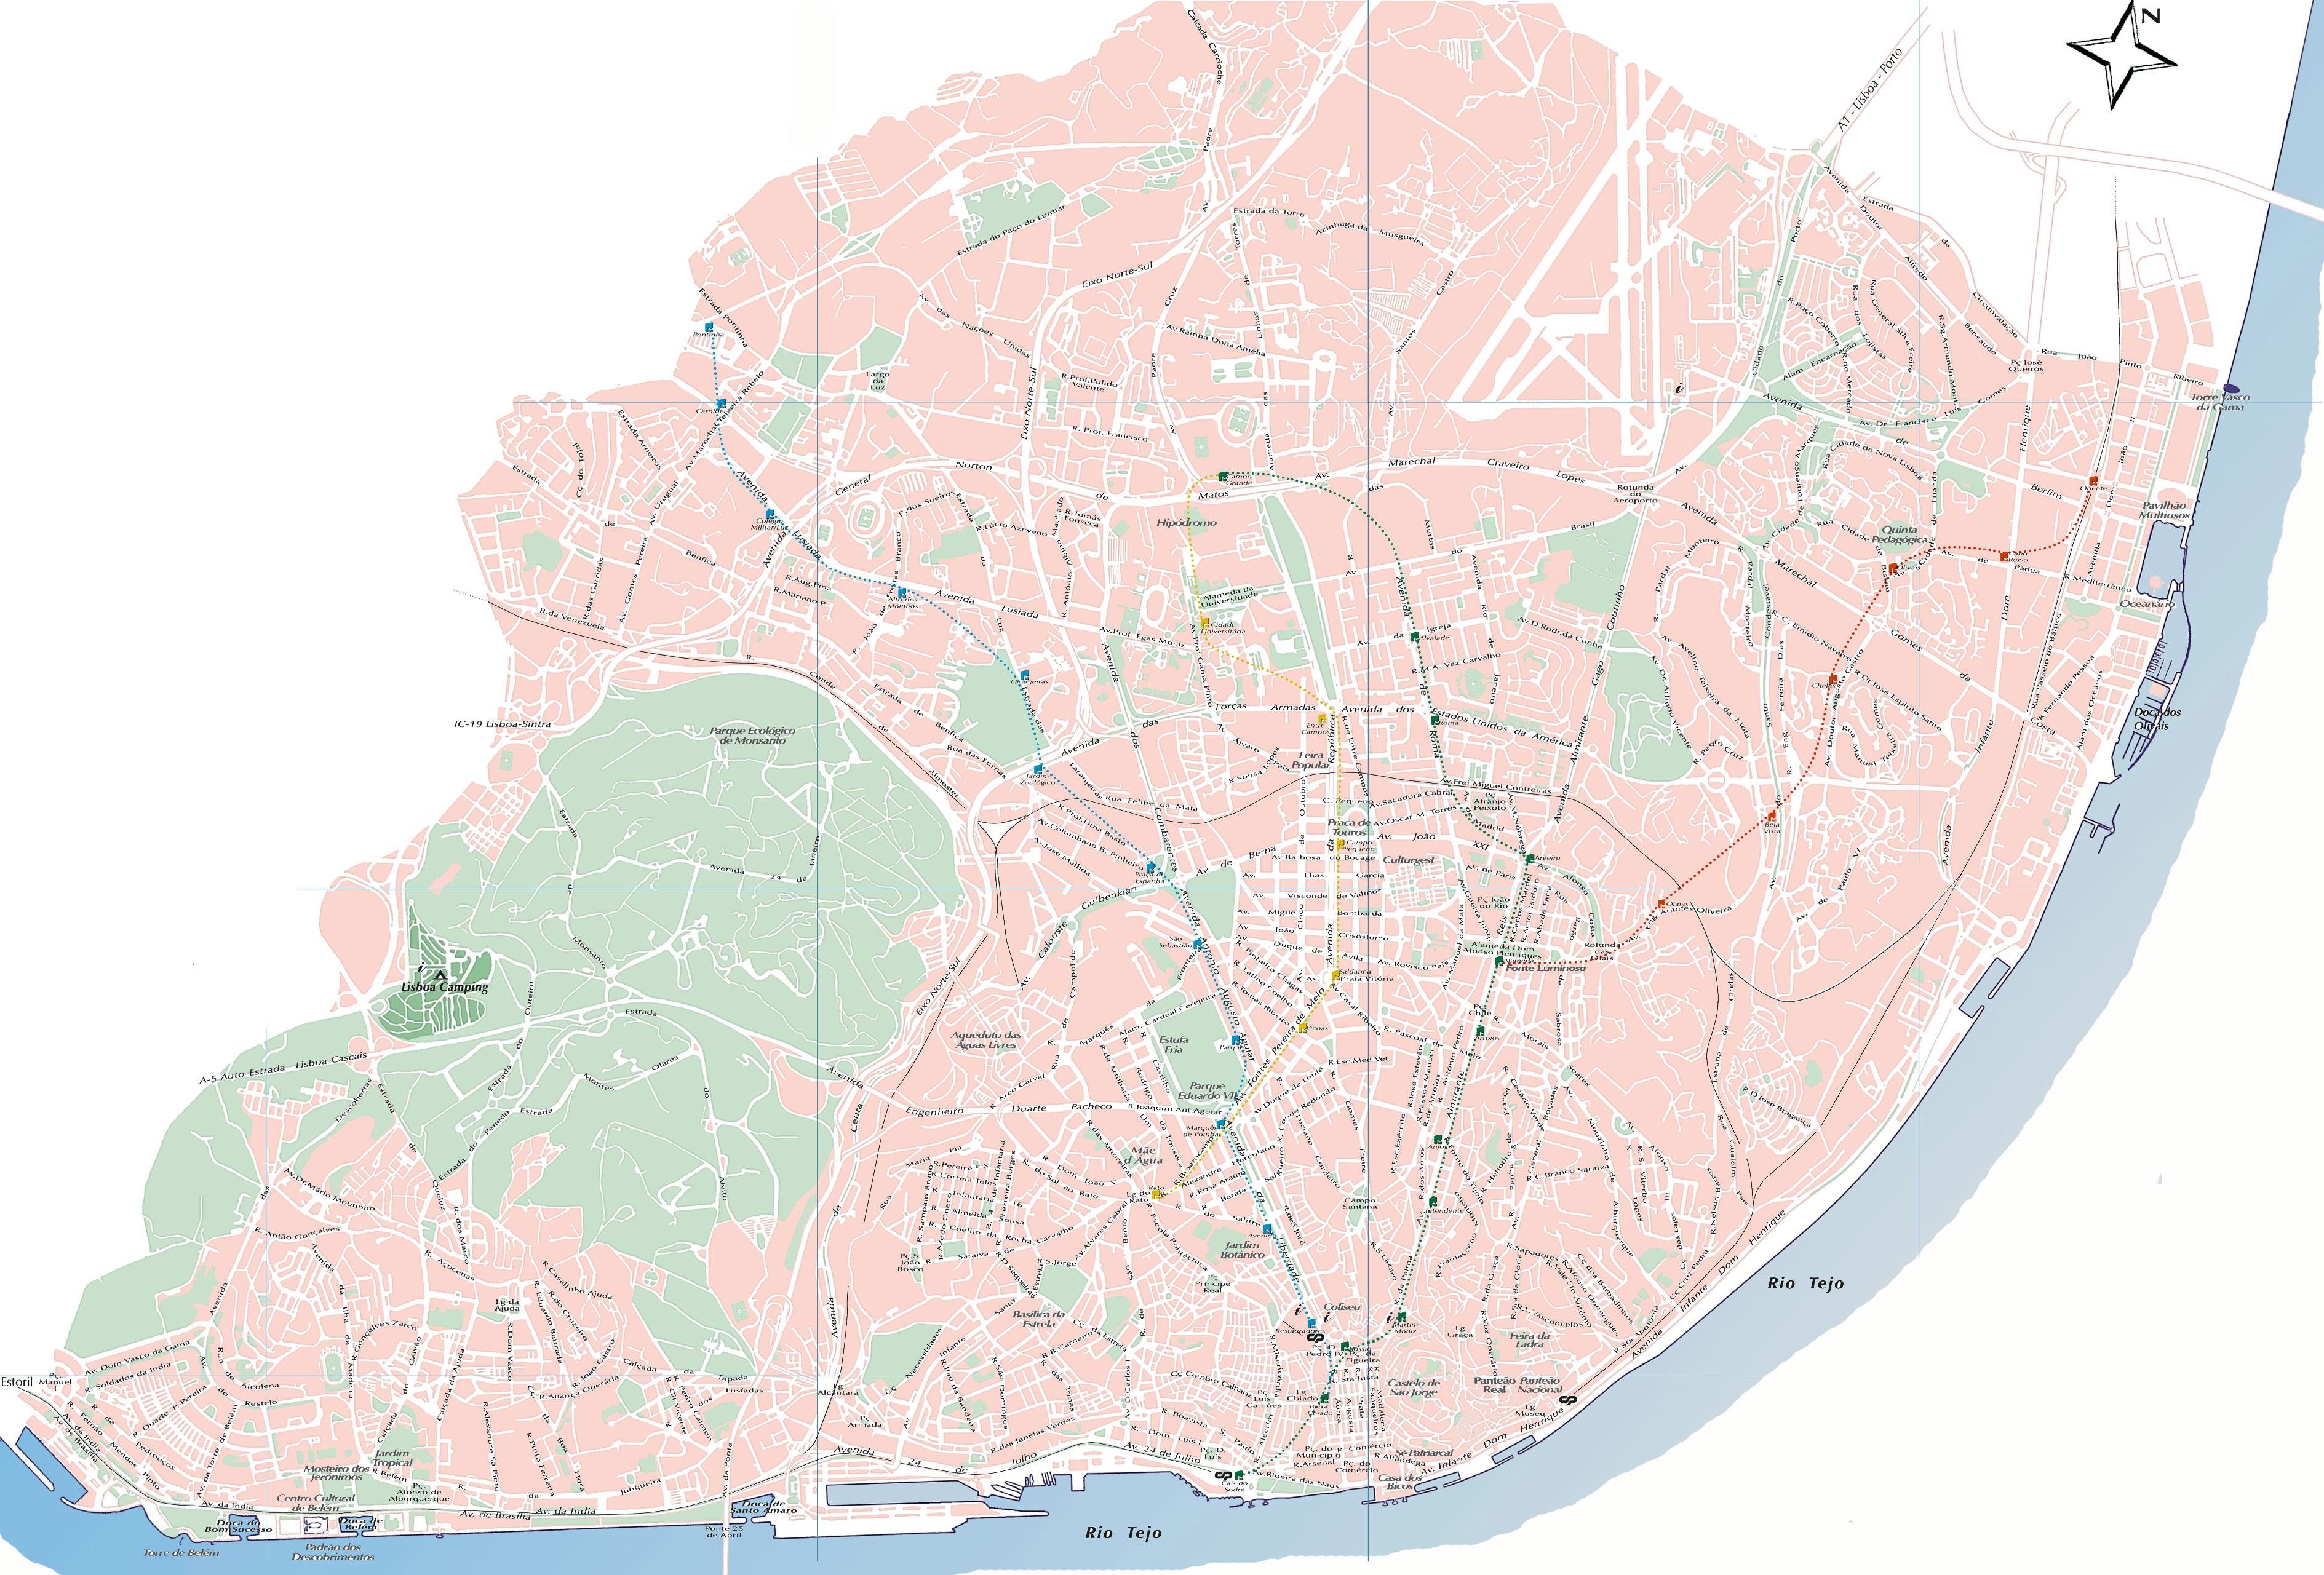 mapa do lisboa Mapa de Lisboa | .visitportugal.com mapa do lisboa